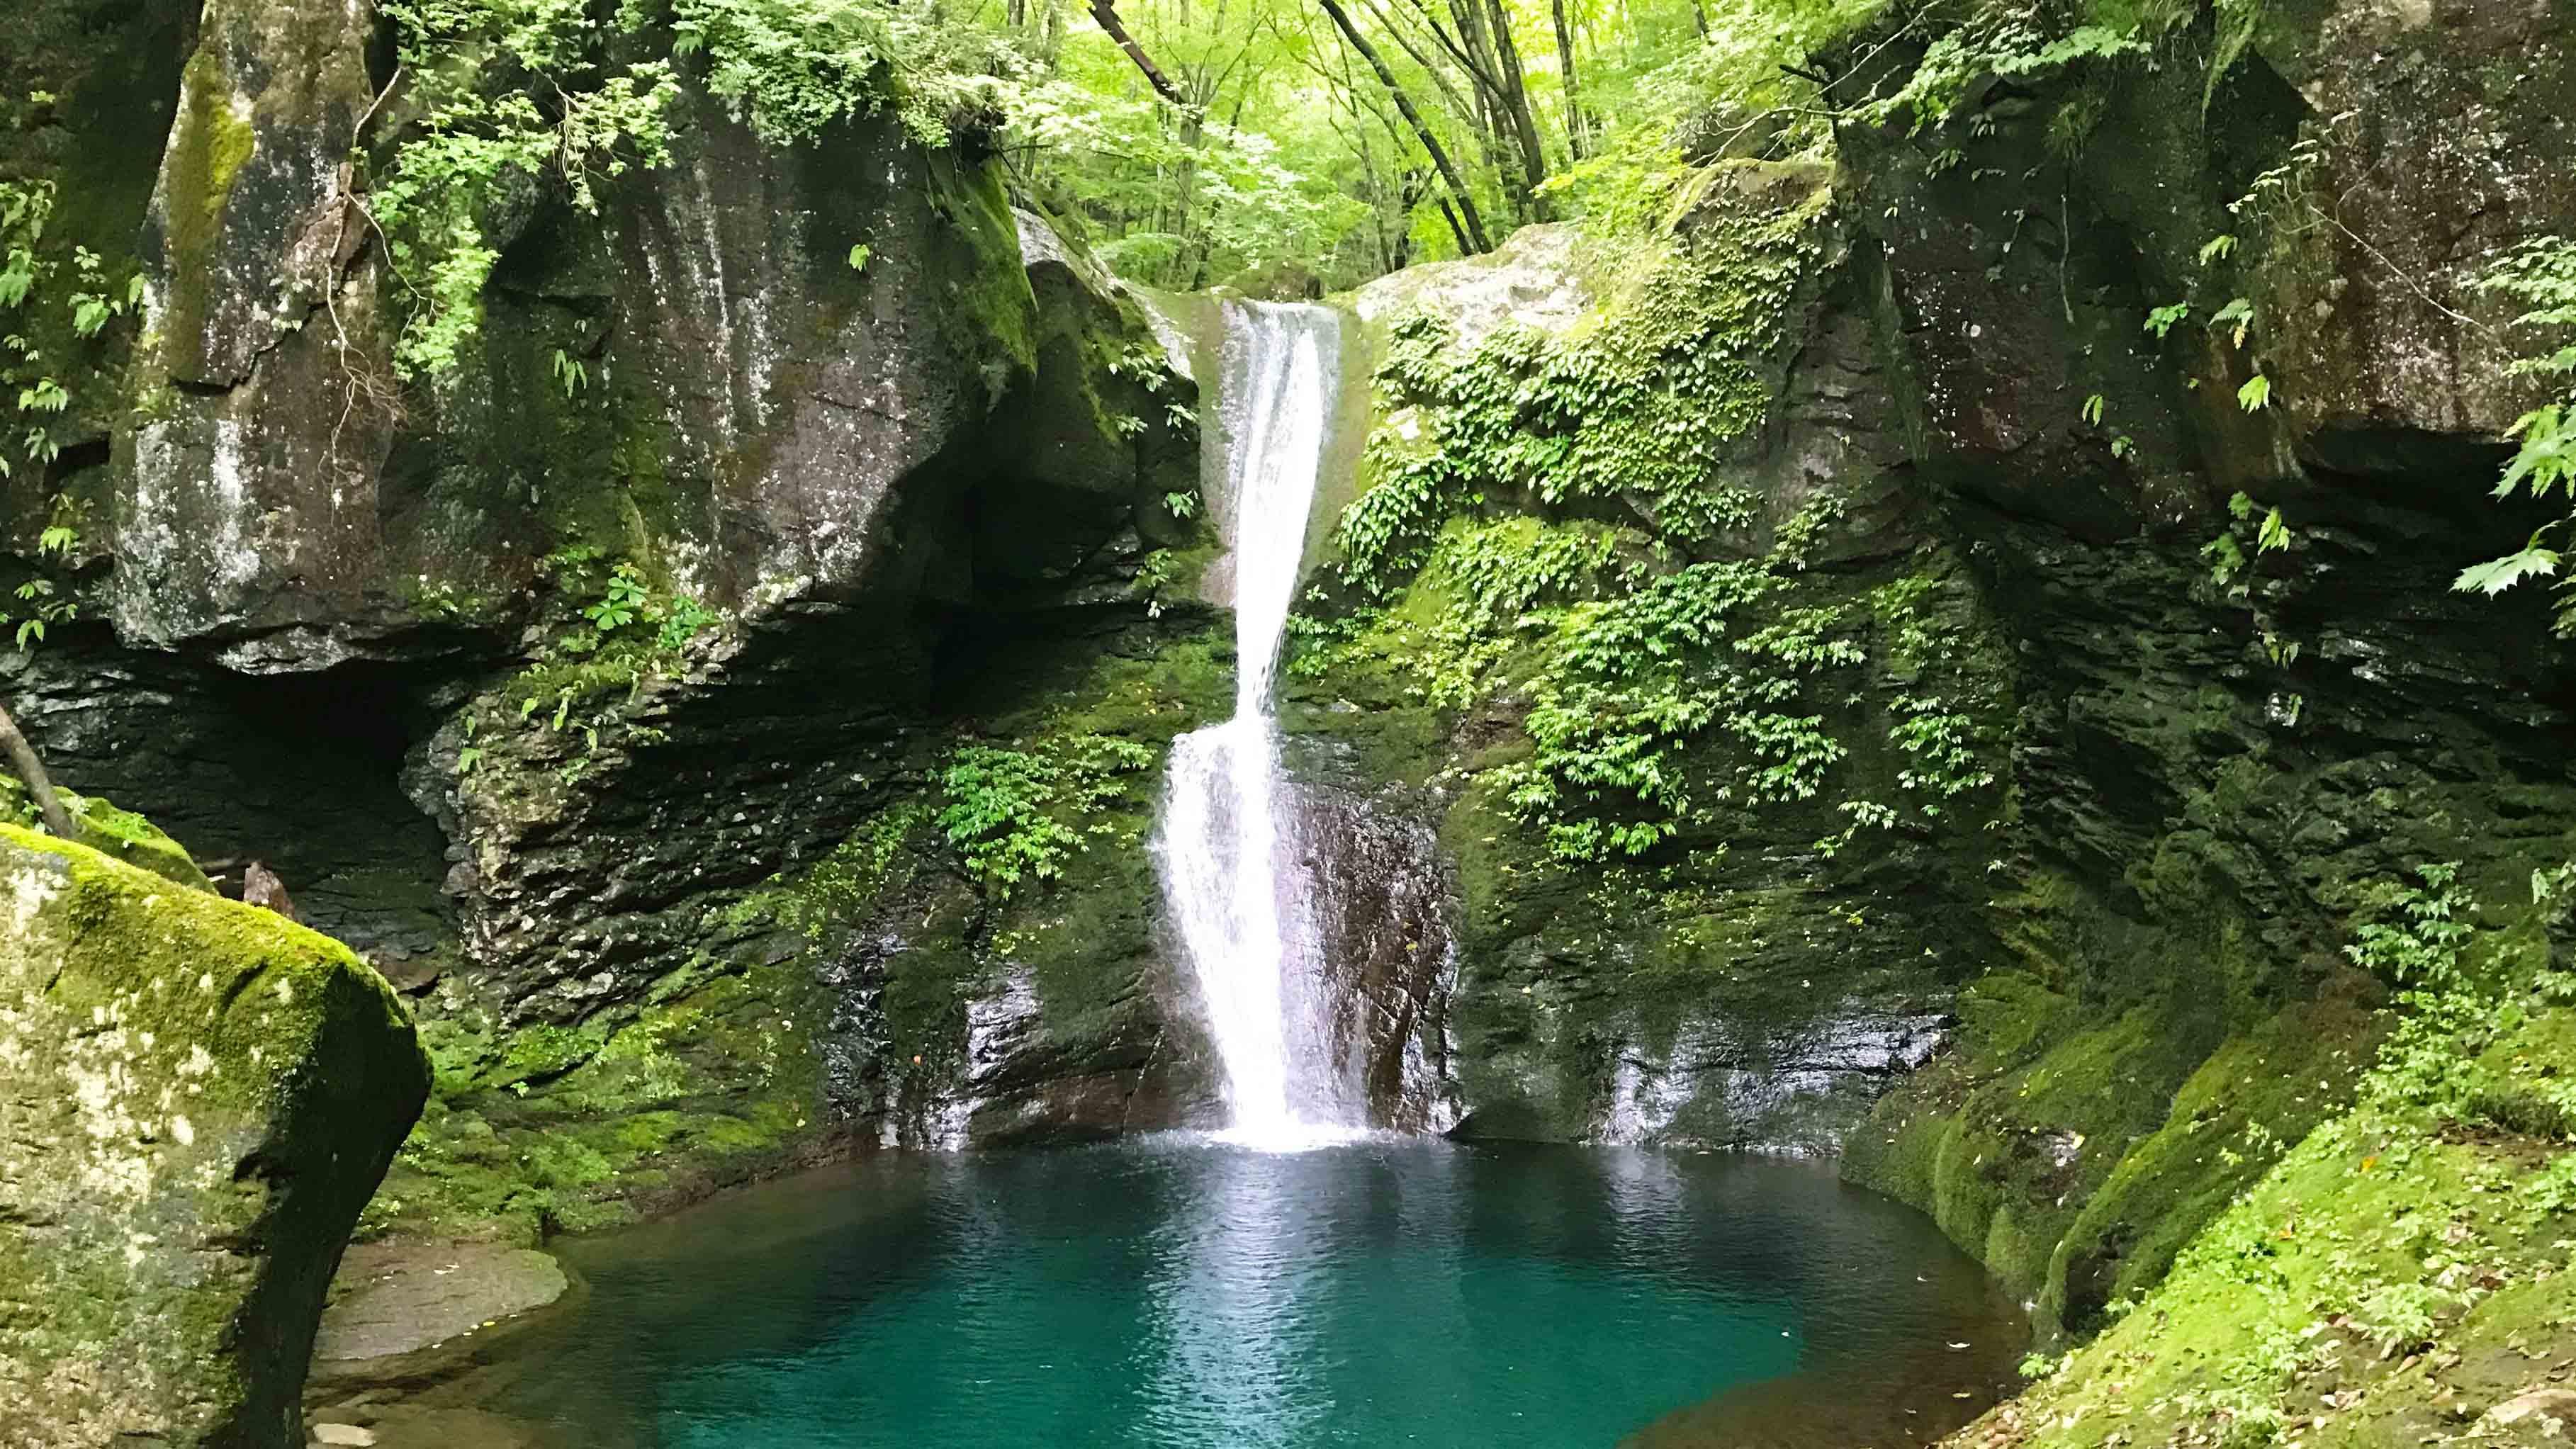 栃木 那須・日光ロイヤルツーリズムと秘境の滝ツアー催行!